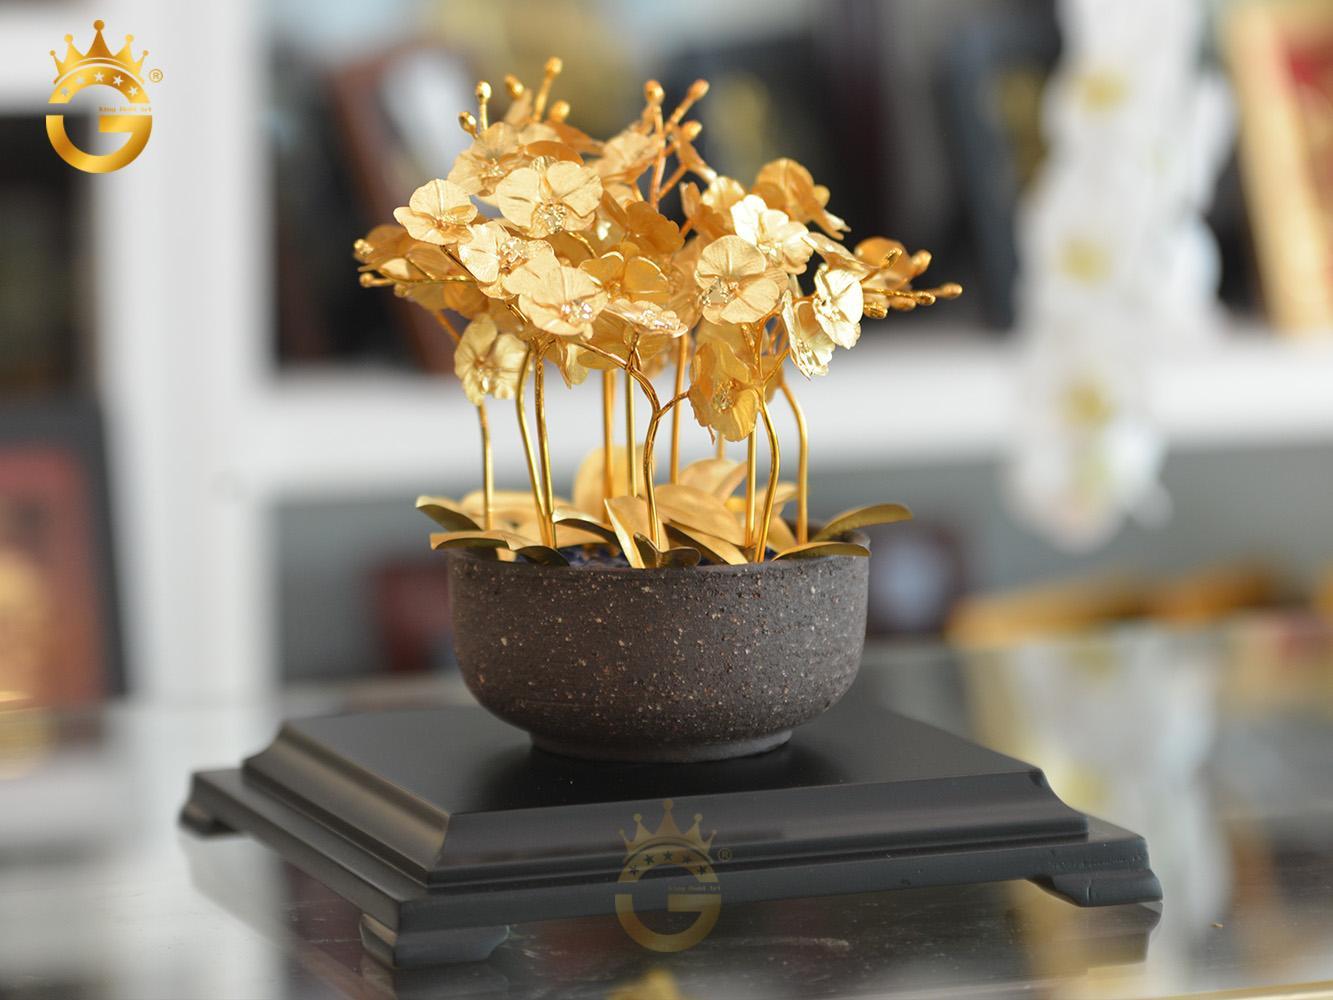 12+ ý tưởng quà tặng tân gia vô cùng ý nghĩa tại Vua quà vàng